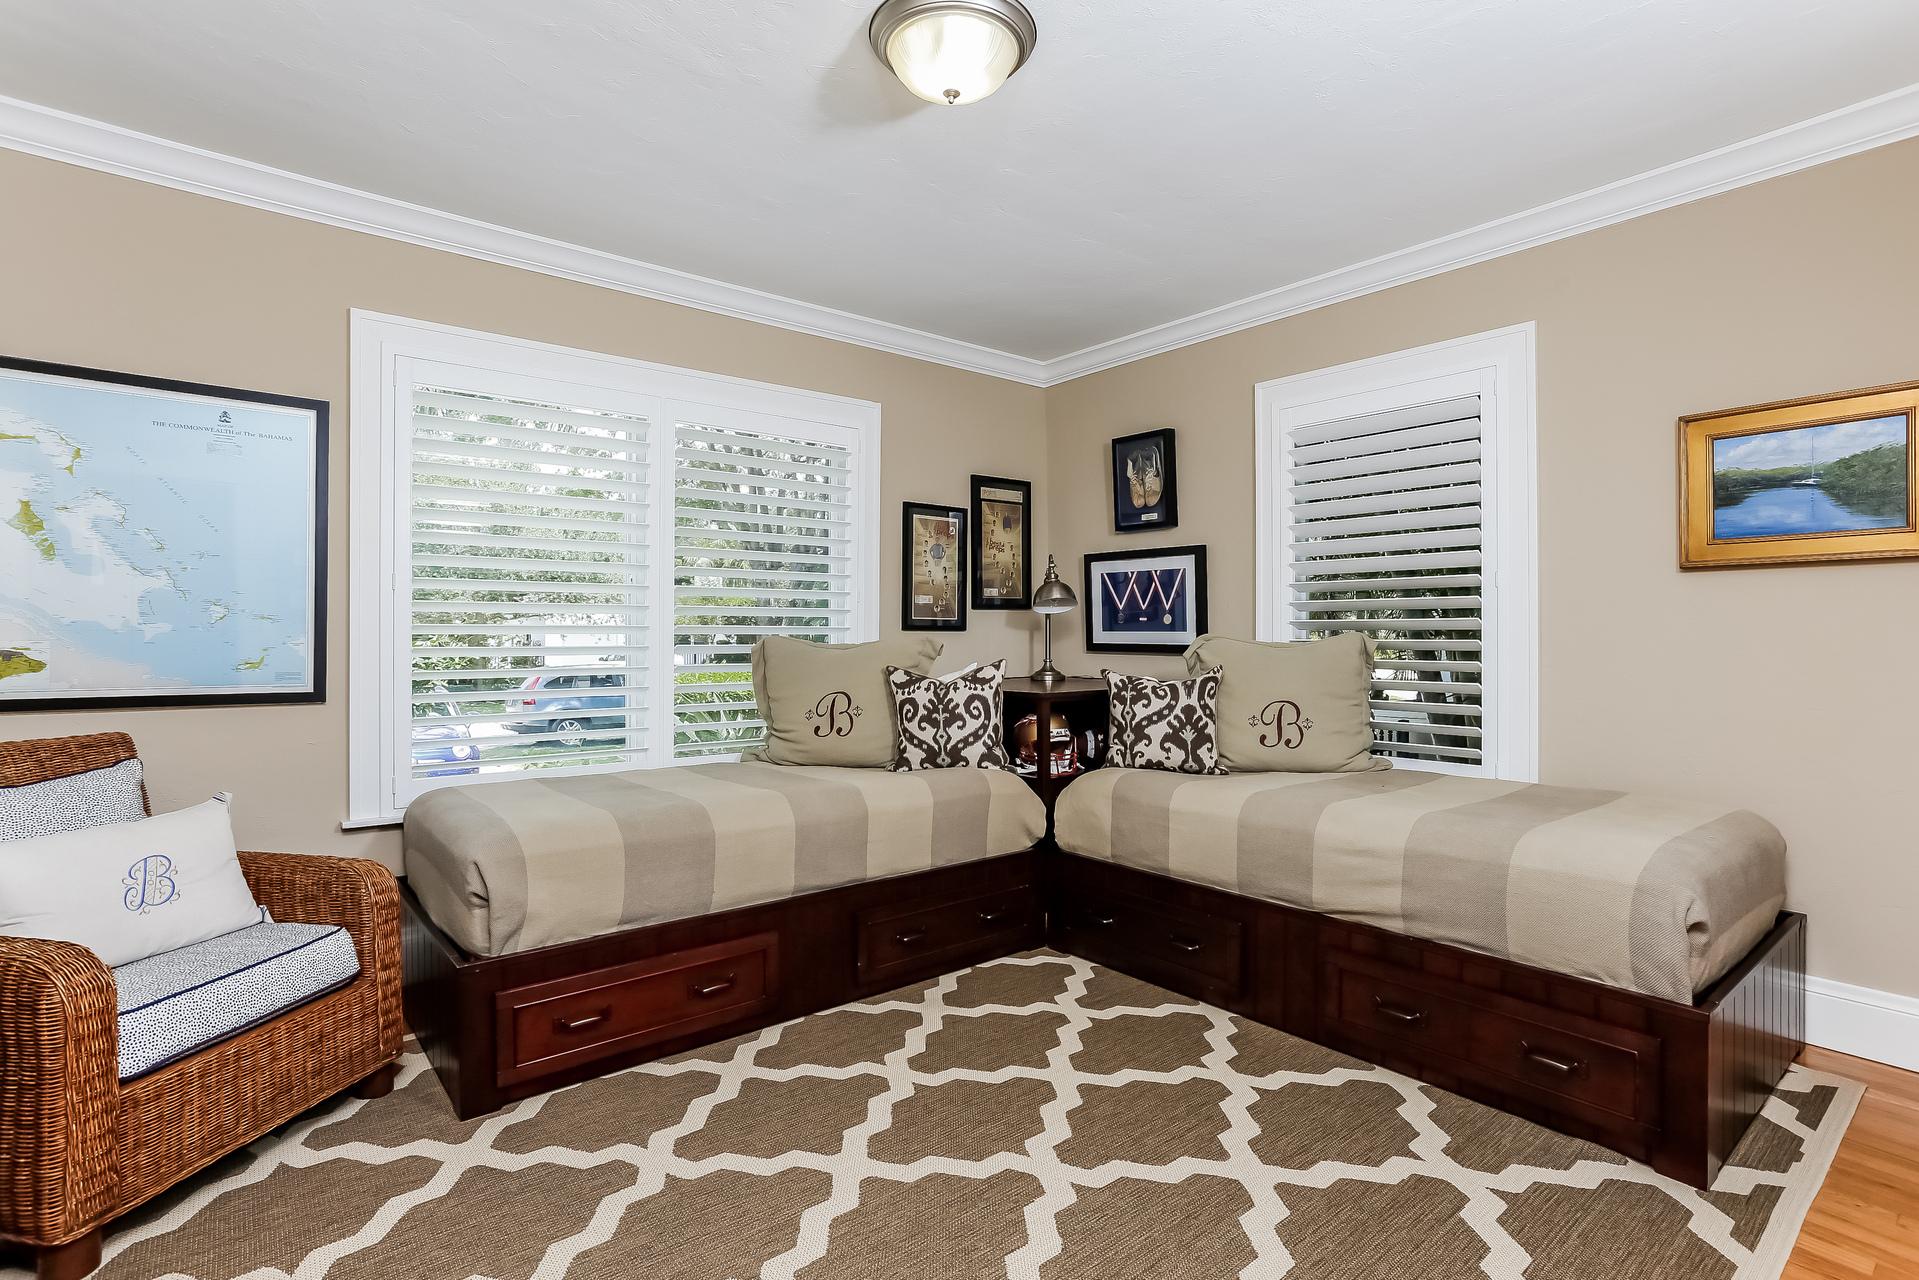 028-Bedroom-2647585-medium.jpg